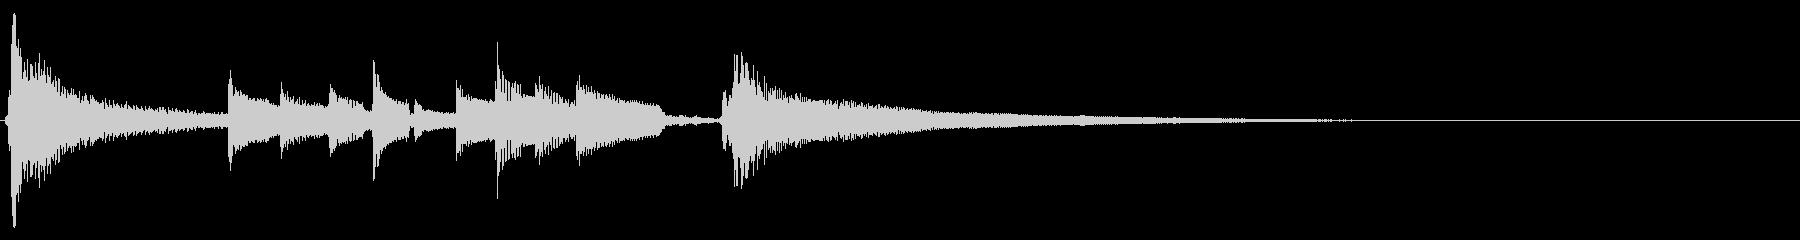 アコギ生音のジングル/おしゃれ4の未再生の波形